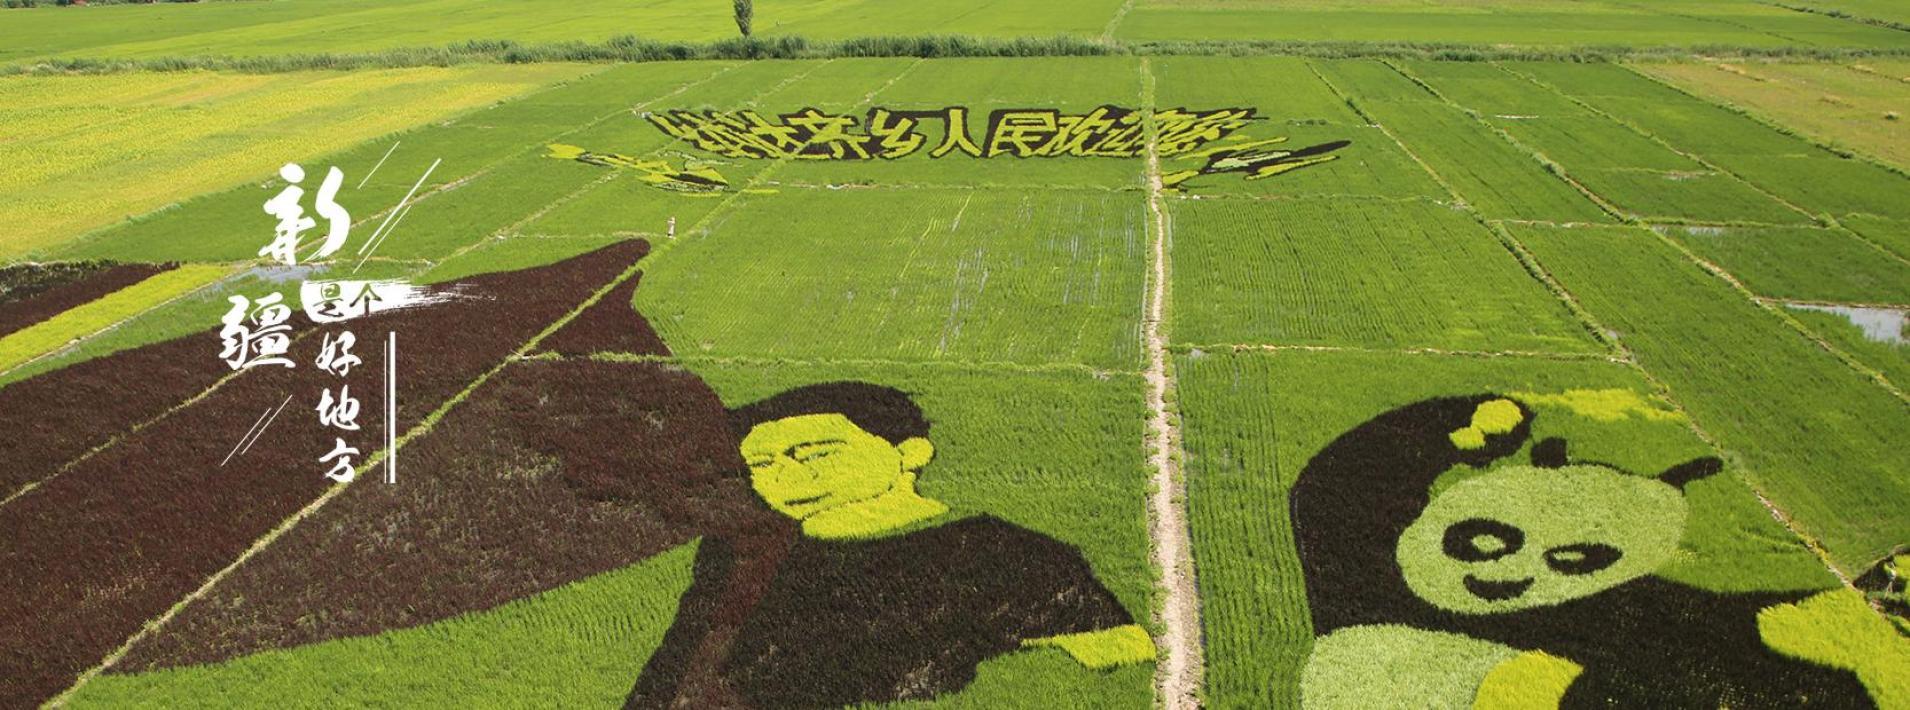 察布查尔县巨型稻田画进入最佳观赏期